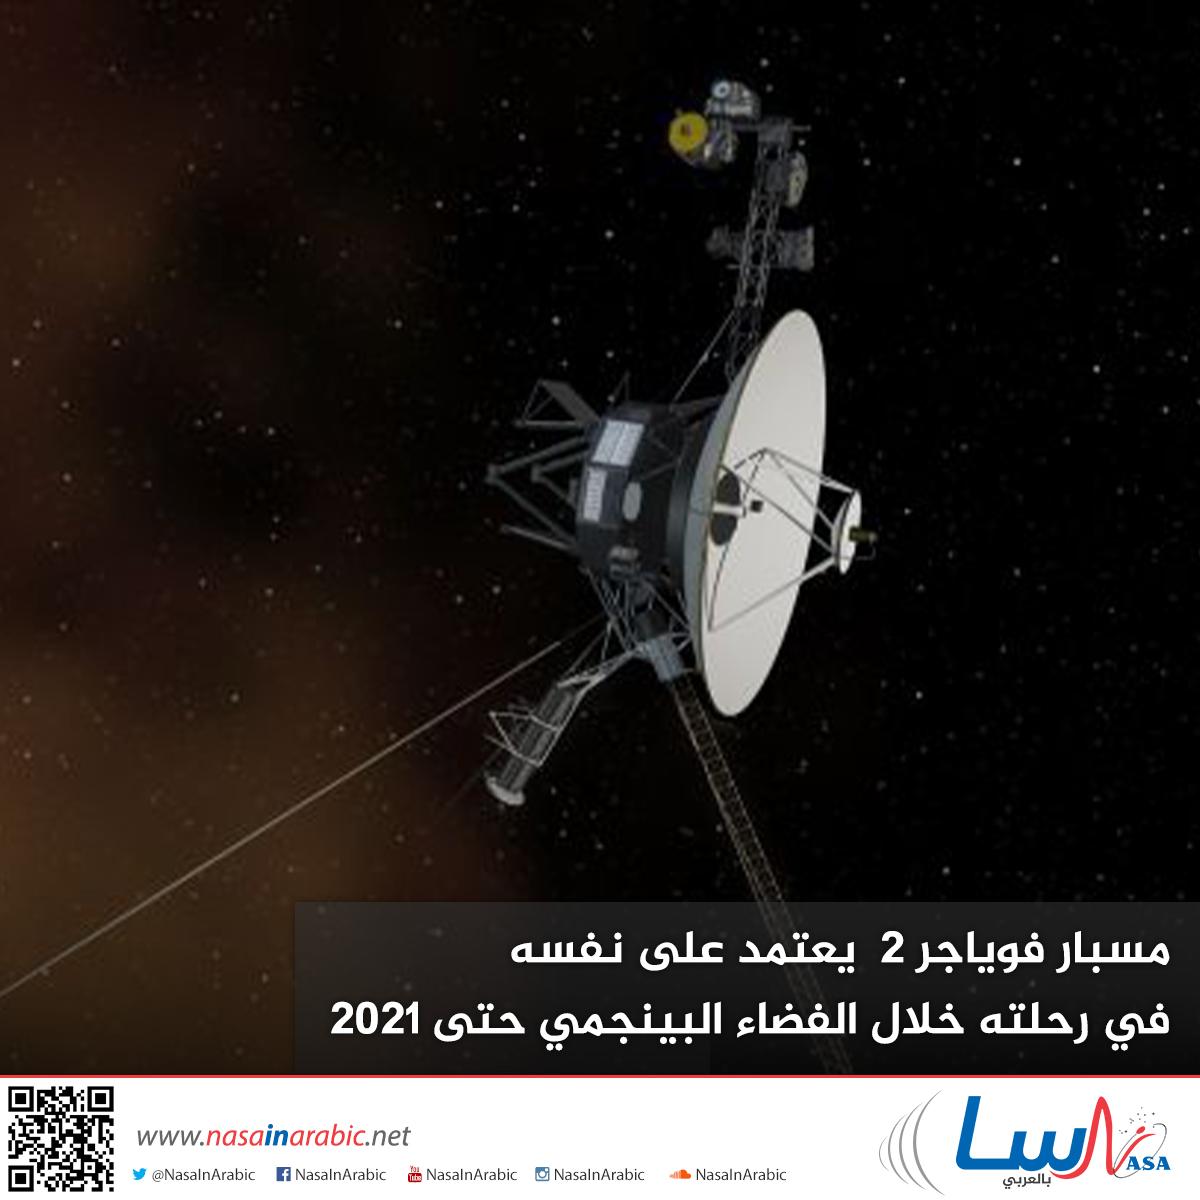 مسبار فوياجر 2 يعتمد على نفسه في رحلته خلال الفضاء بين النجمي حتى 2021.